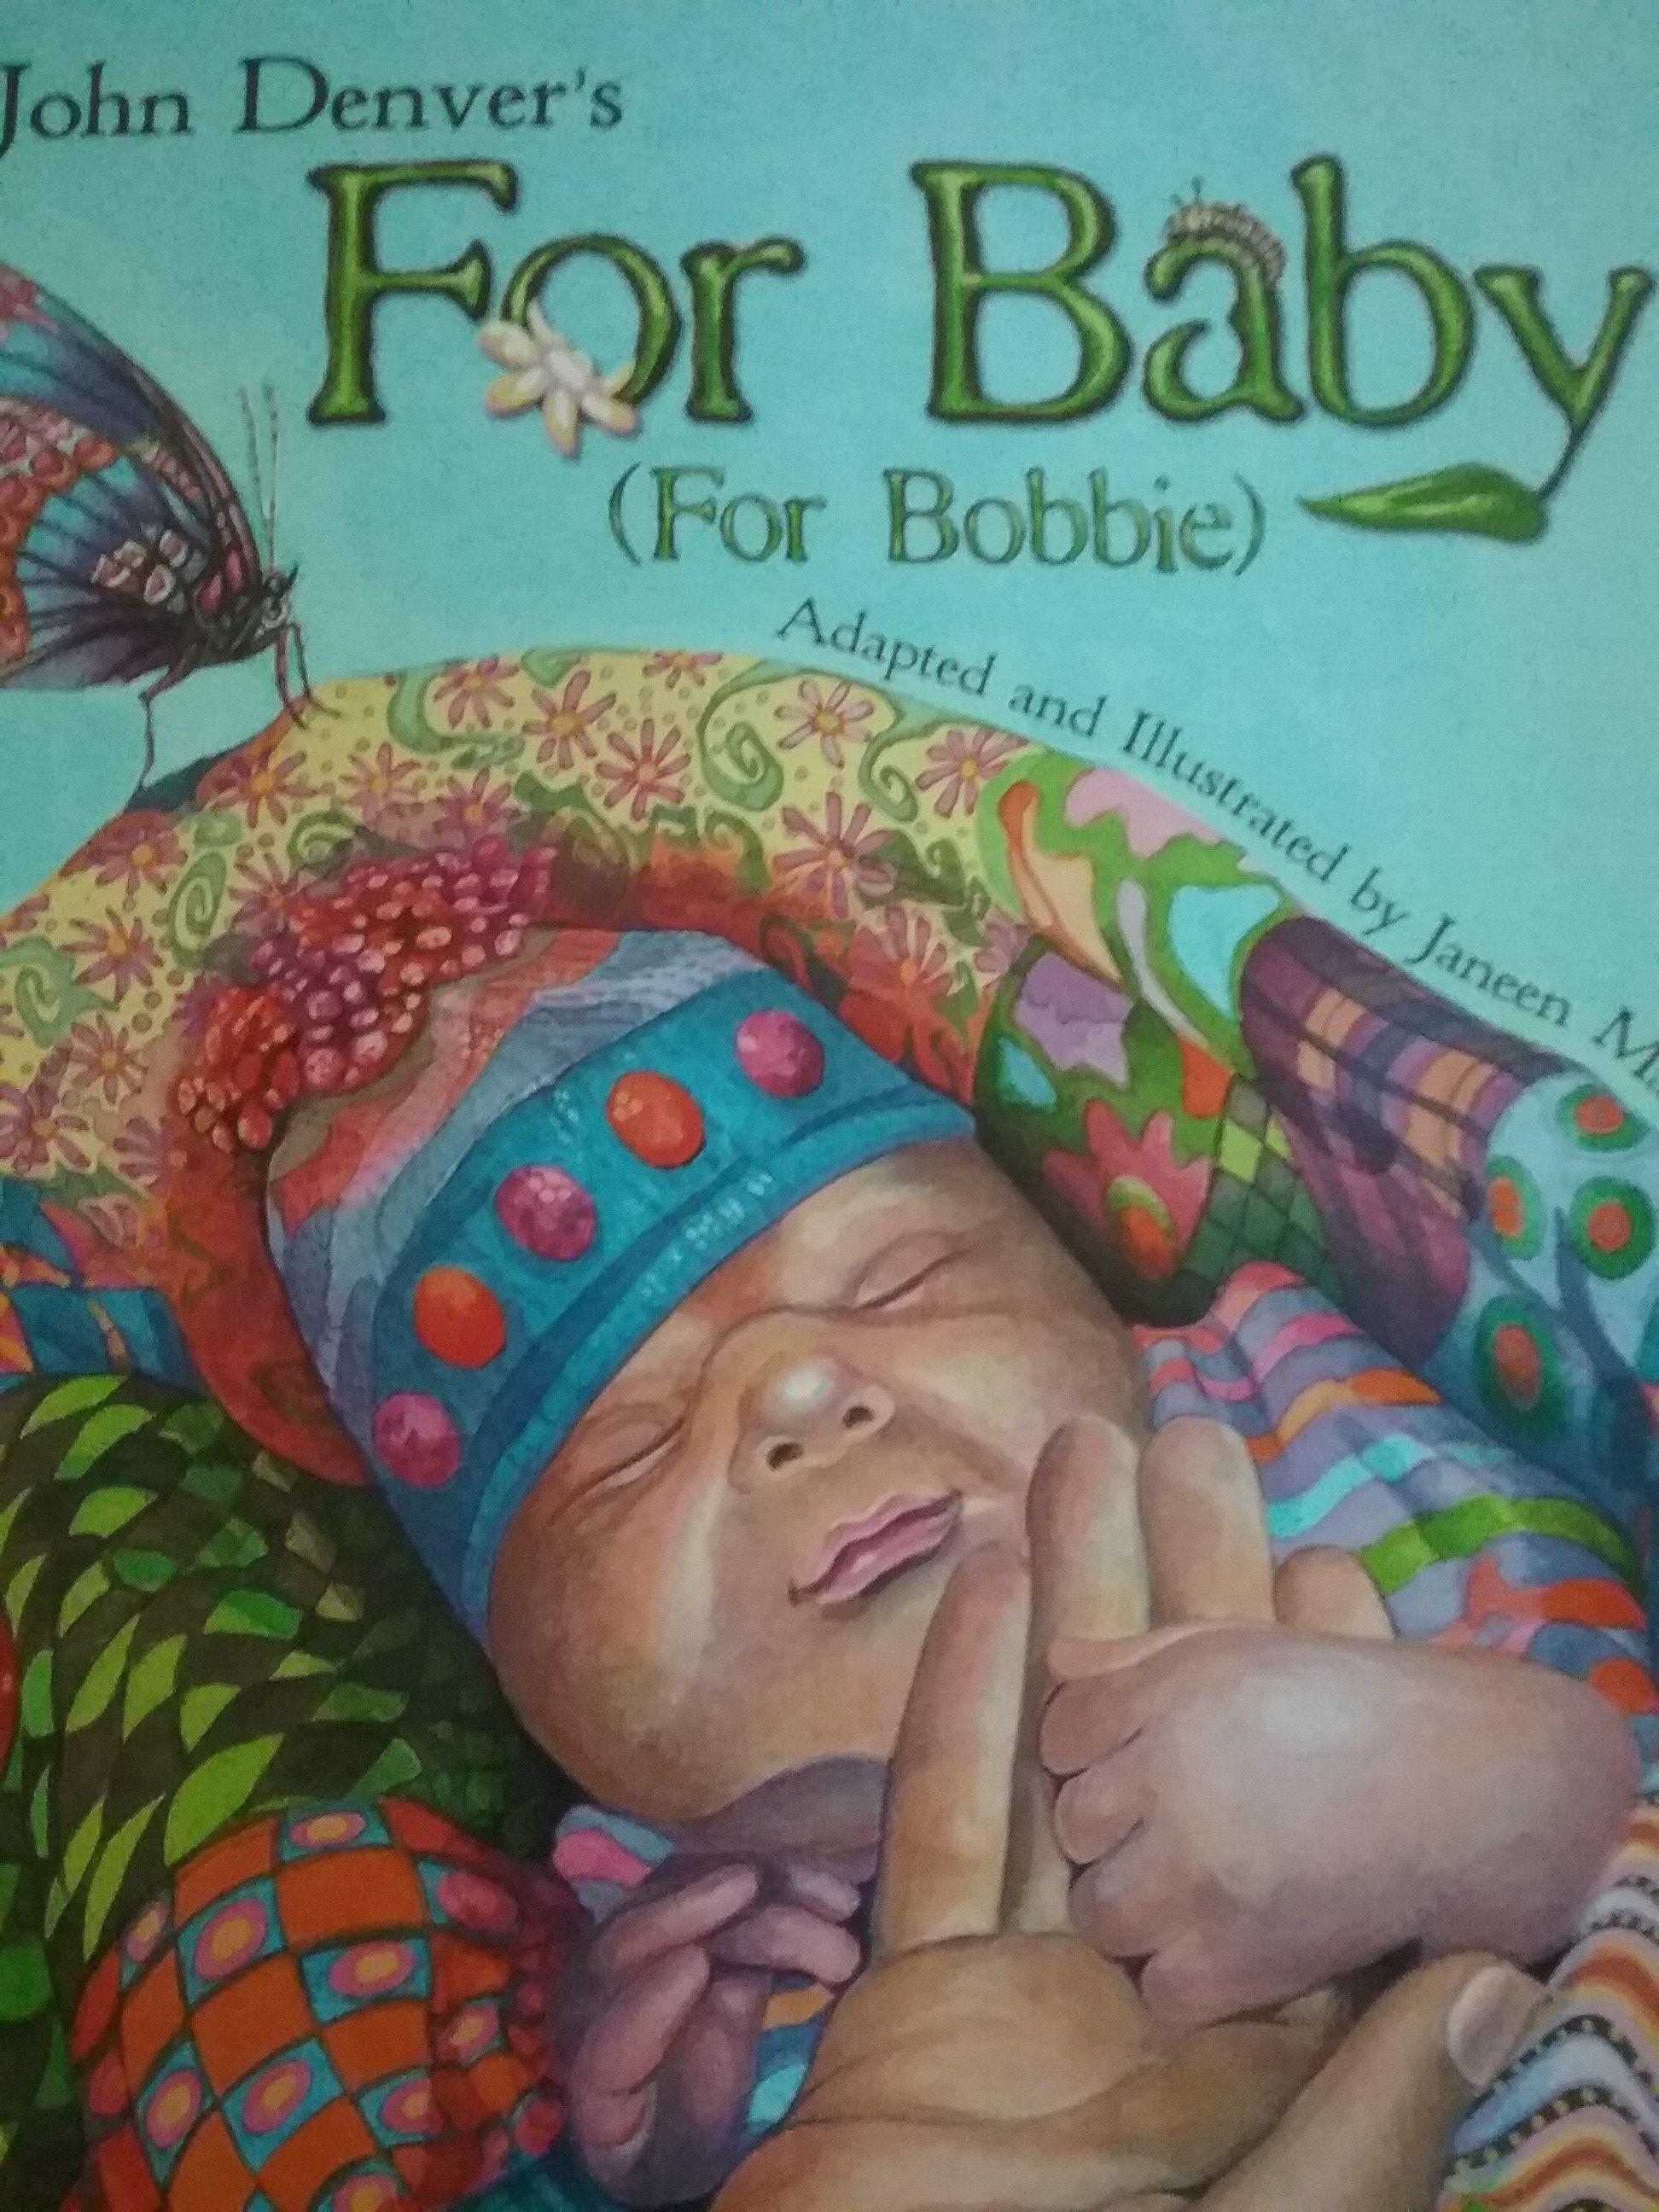 John Denver\'s For Baby (For Bobbie) paperback | John denver, Denver ...